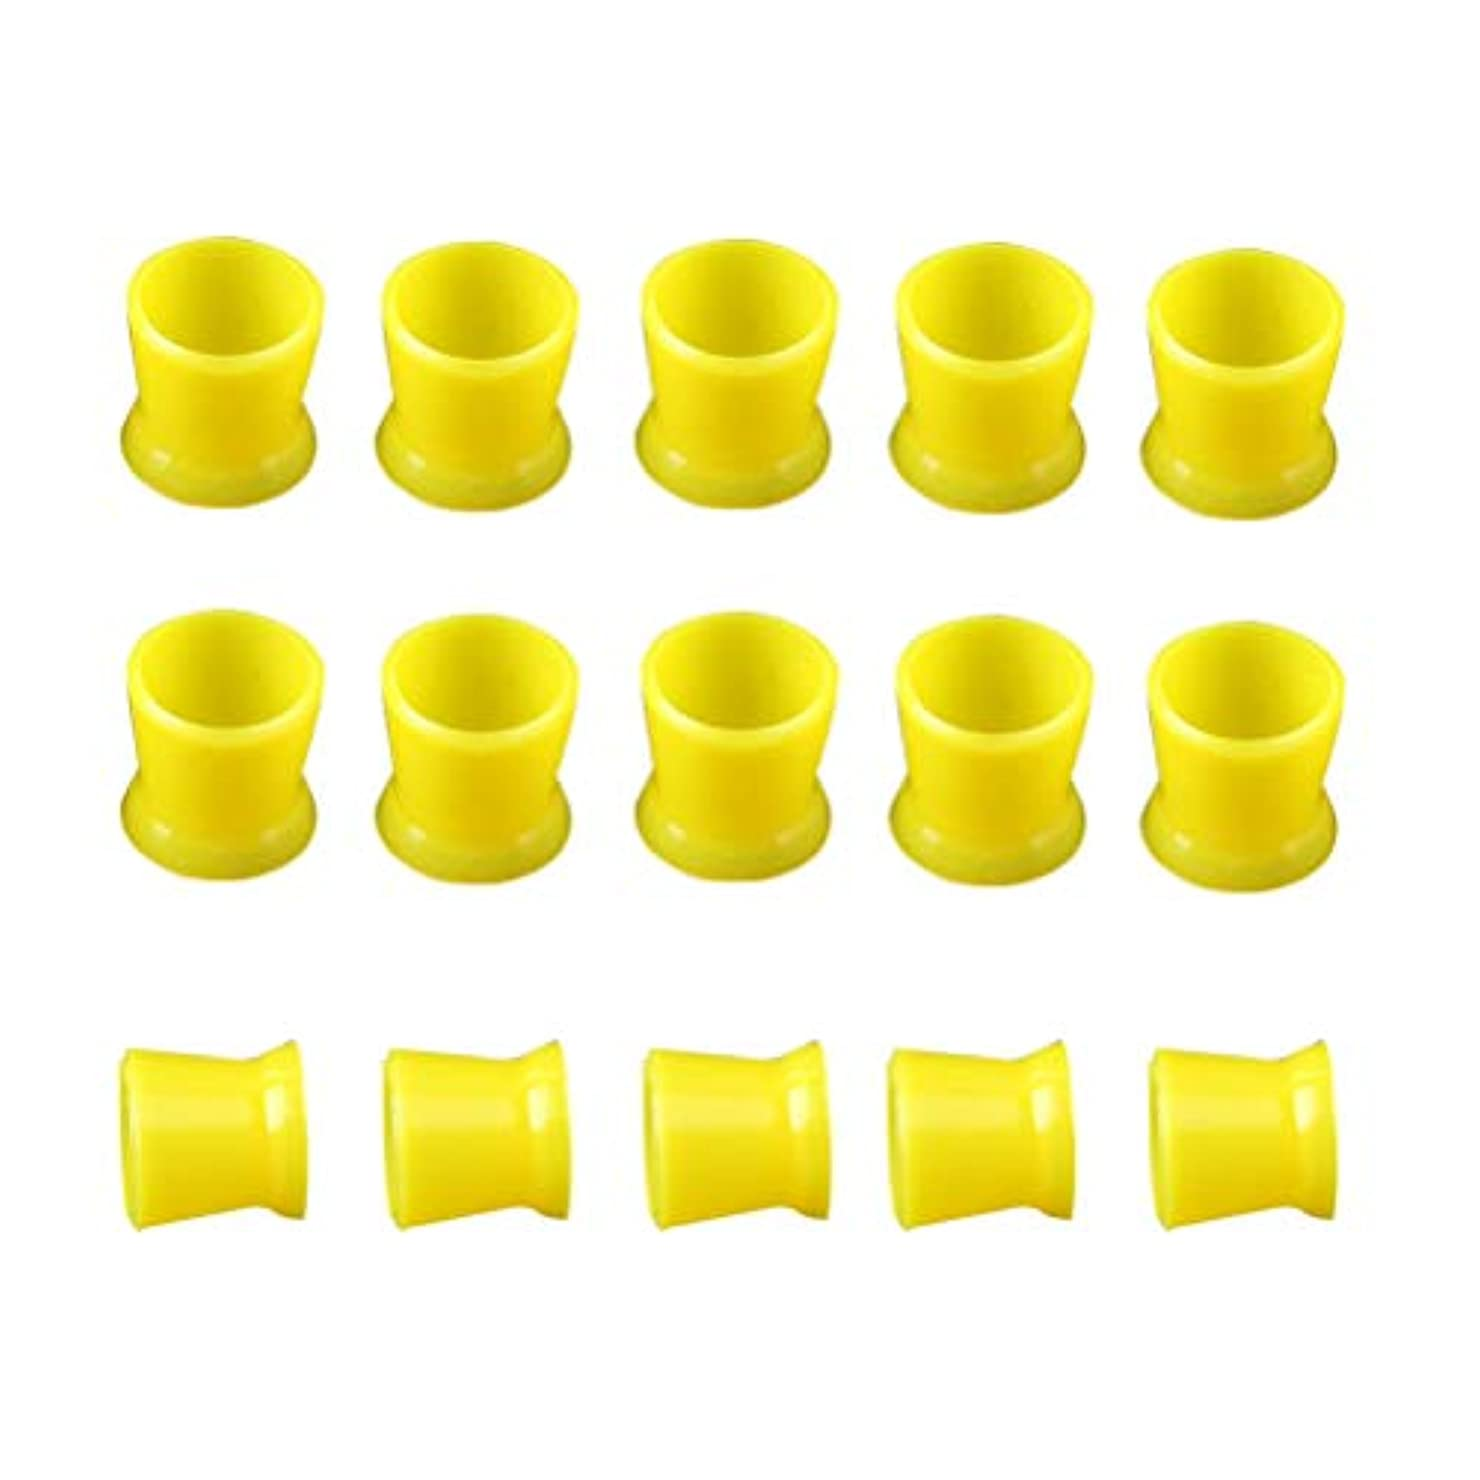 ウェイトレスアパート保証Healifty 300PCSシリコーンタトゥーインクカップ使い捨てマイクロブリーディングピグメントキャップホルダーコンテナ永久的なまつげメイクアップ眉(イエロー)